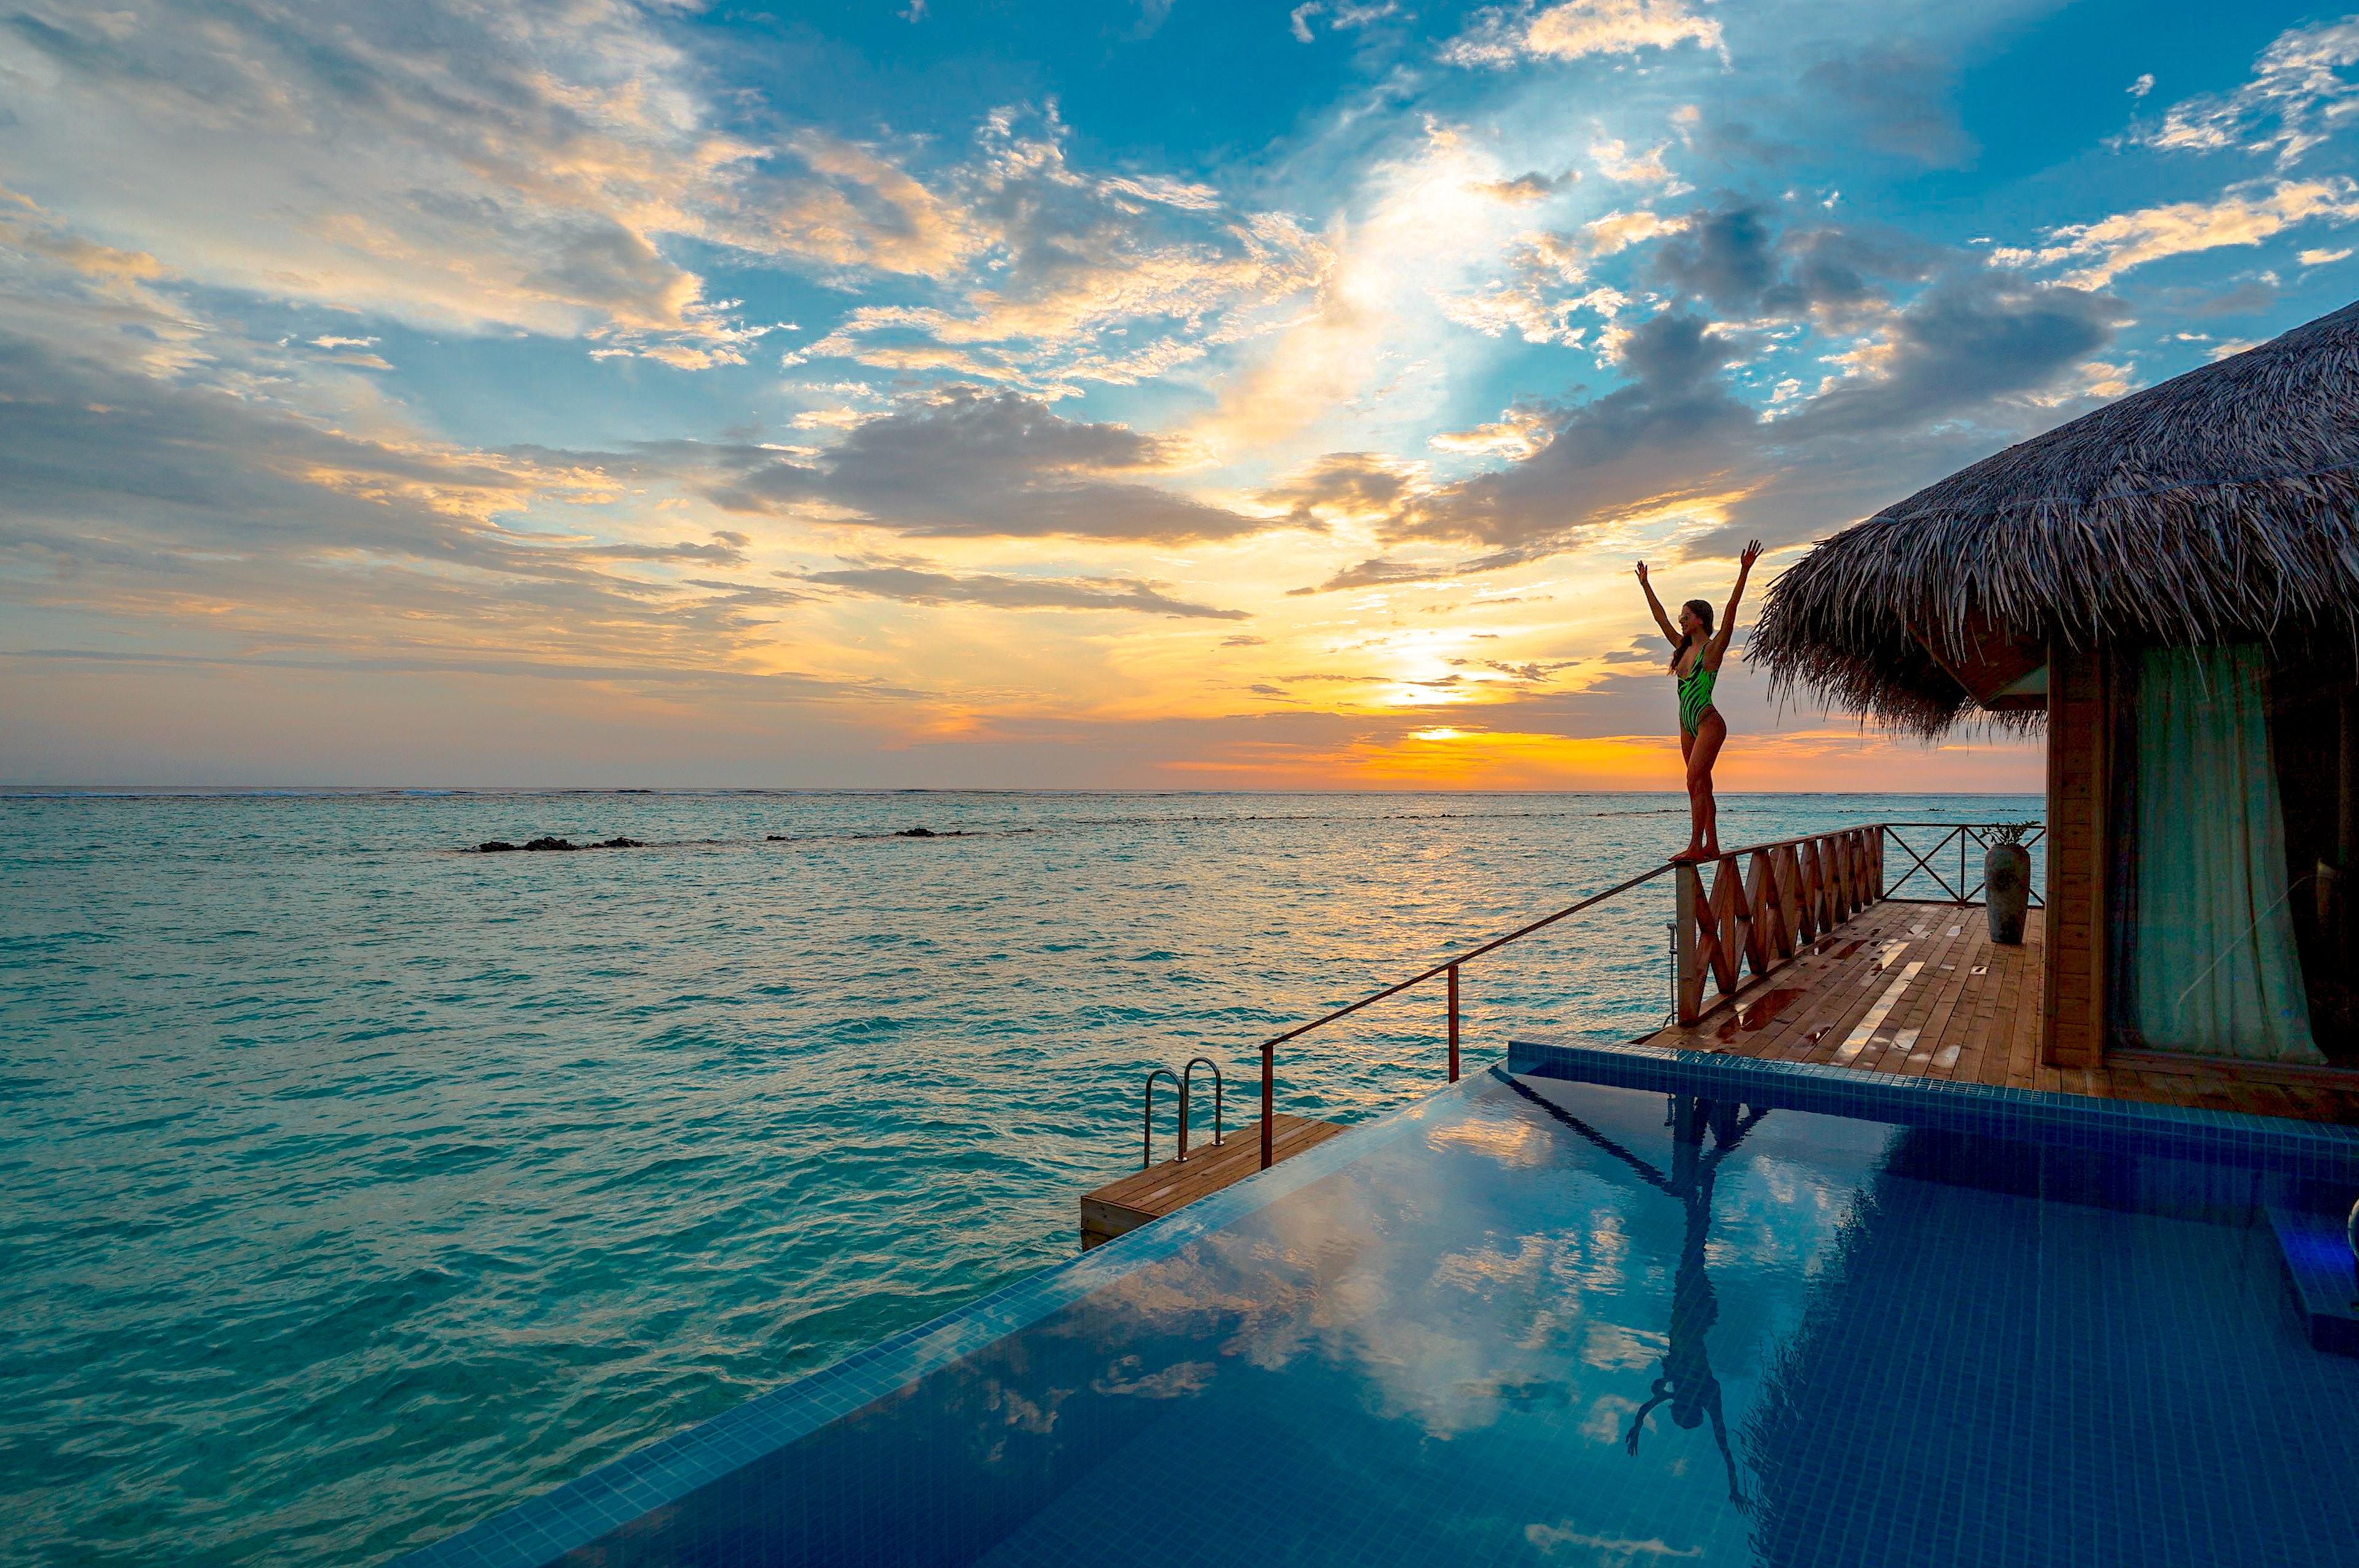 Foto de Asad Photo Maldives no Pexels